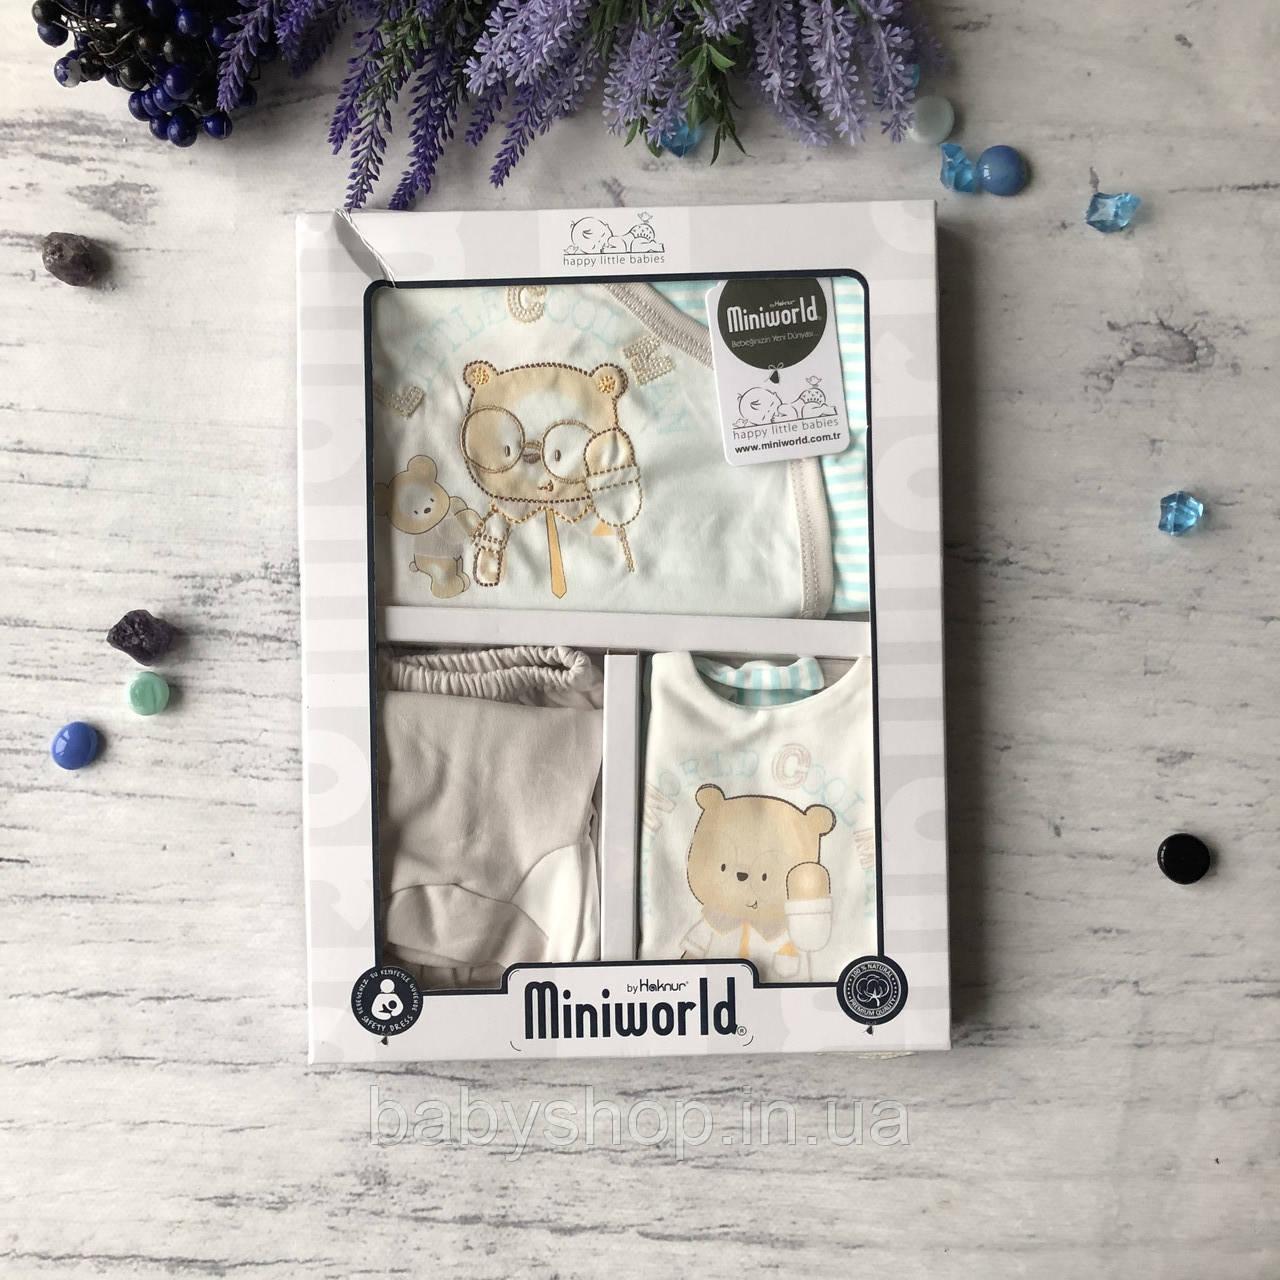 Крестильный костюм, набор на выписку для мальчика Miniworld 8. Размер 62 см (1-3 мес)